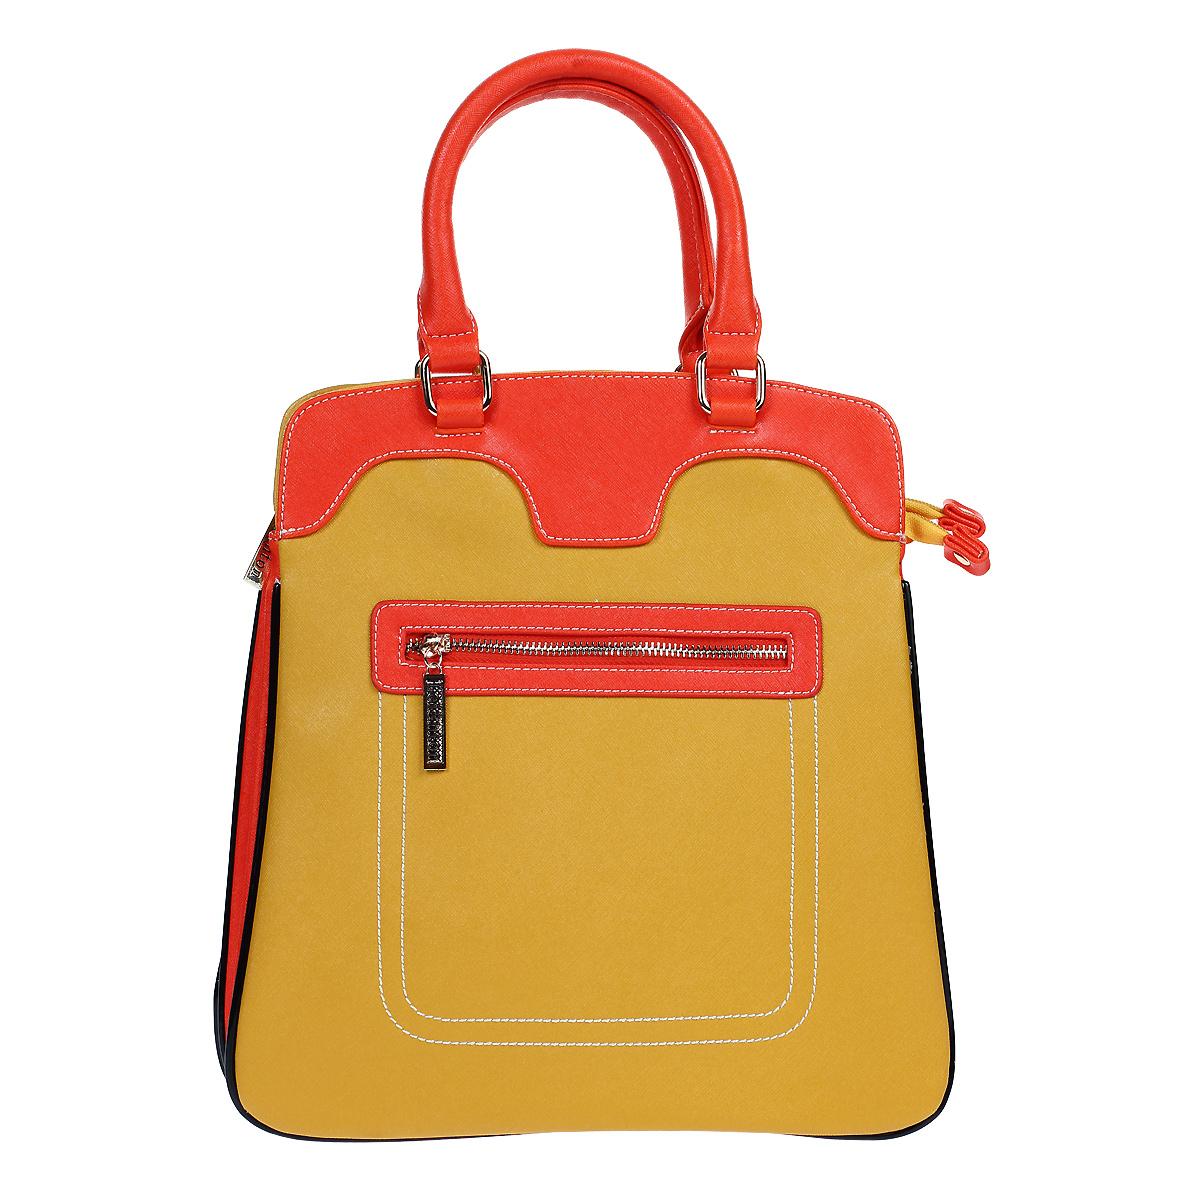 Сумка женская Leighton, цвет: желтый, оранжевый. 560353-3769560353-3769/19/3769/18/81Оригинальная женская сумка Leighton выполнена из искусственной кожи и оформлена декоративной отстрочкой. Сумка с удобными ручками закрывается на застежку-молнию. Внутри - два отделения, разделенные средником на молнии, вшитый карман на молнии, два нашивных кармашка для мелочей и мобильного телефона. На внешней стороне сумки расположен дополнительный карман на молнии. К сумке прилагается чехол для хранения и съемный плечевой регулируемый ремень. Сумка - это стильный аксессуар, который подчеркнет вашу изысканность и индивидуальность и сделает ваш образ завершенным. Женская сумочка Leighton - это воплощение элегантности и шика. Высококачественные материалы, чистота линий, как выбор стиля, идут об руку с модными тенденциями. Обладательницей данной коллекции может быть только сильная и независимая женщина, бросающая вызов обыденности.